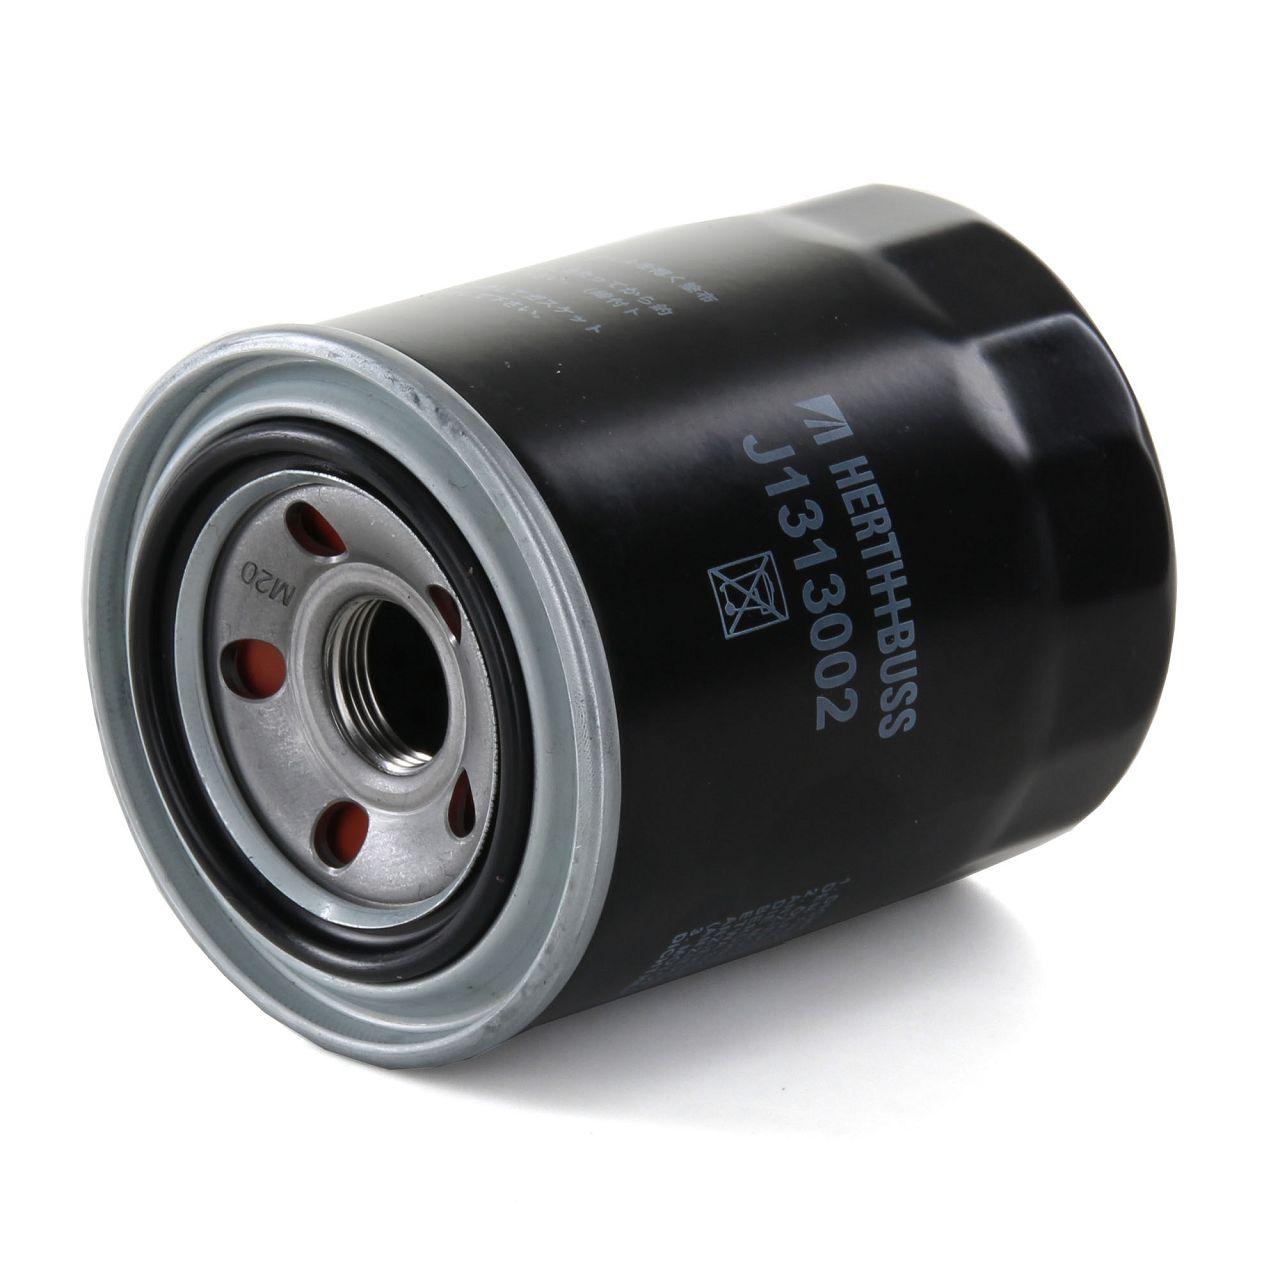 HERTH+BUSS JAKOPARTS Inspektionskit Filterpaket Filterset für 2.0 D AWD 150 PS